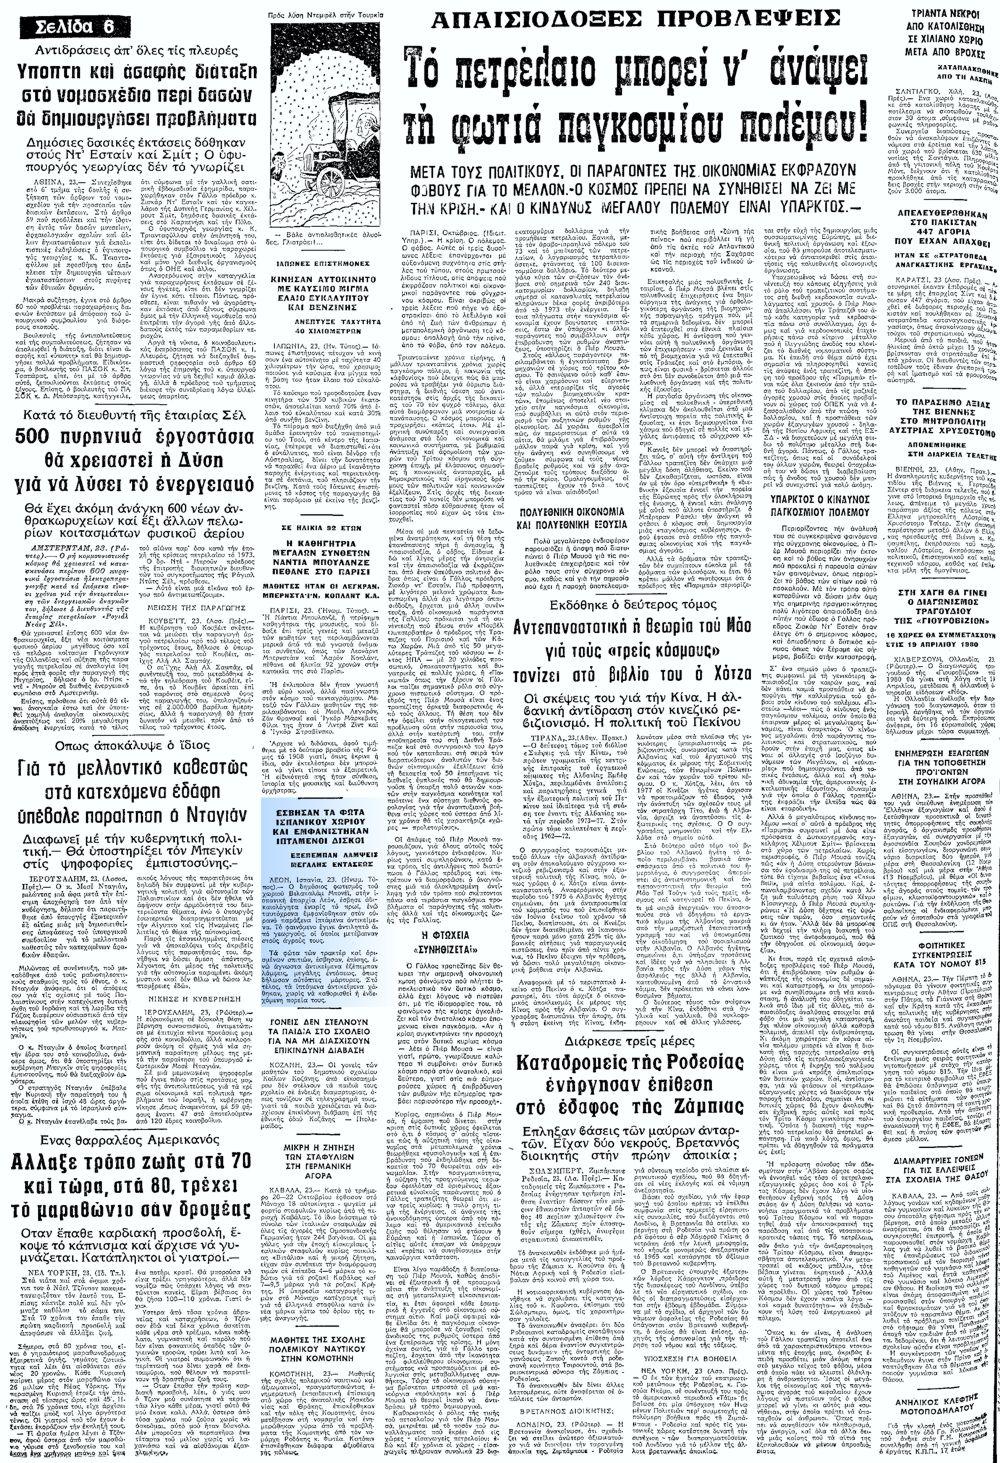 """Το άρθρο, όπως δημοσιεύθηκε στην εφημερίδα """"ΜΑΚΕΔΟΝΙΑ"""", στις 24/10/1979"""